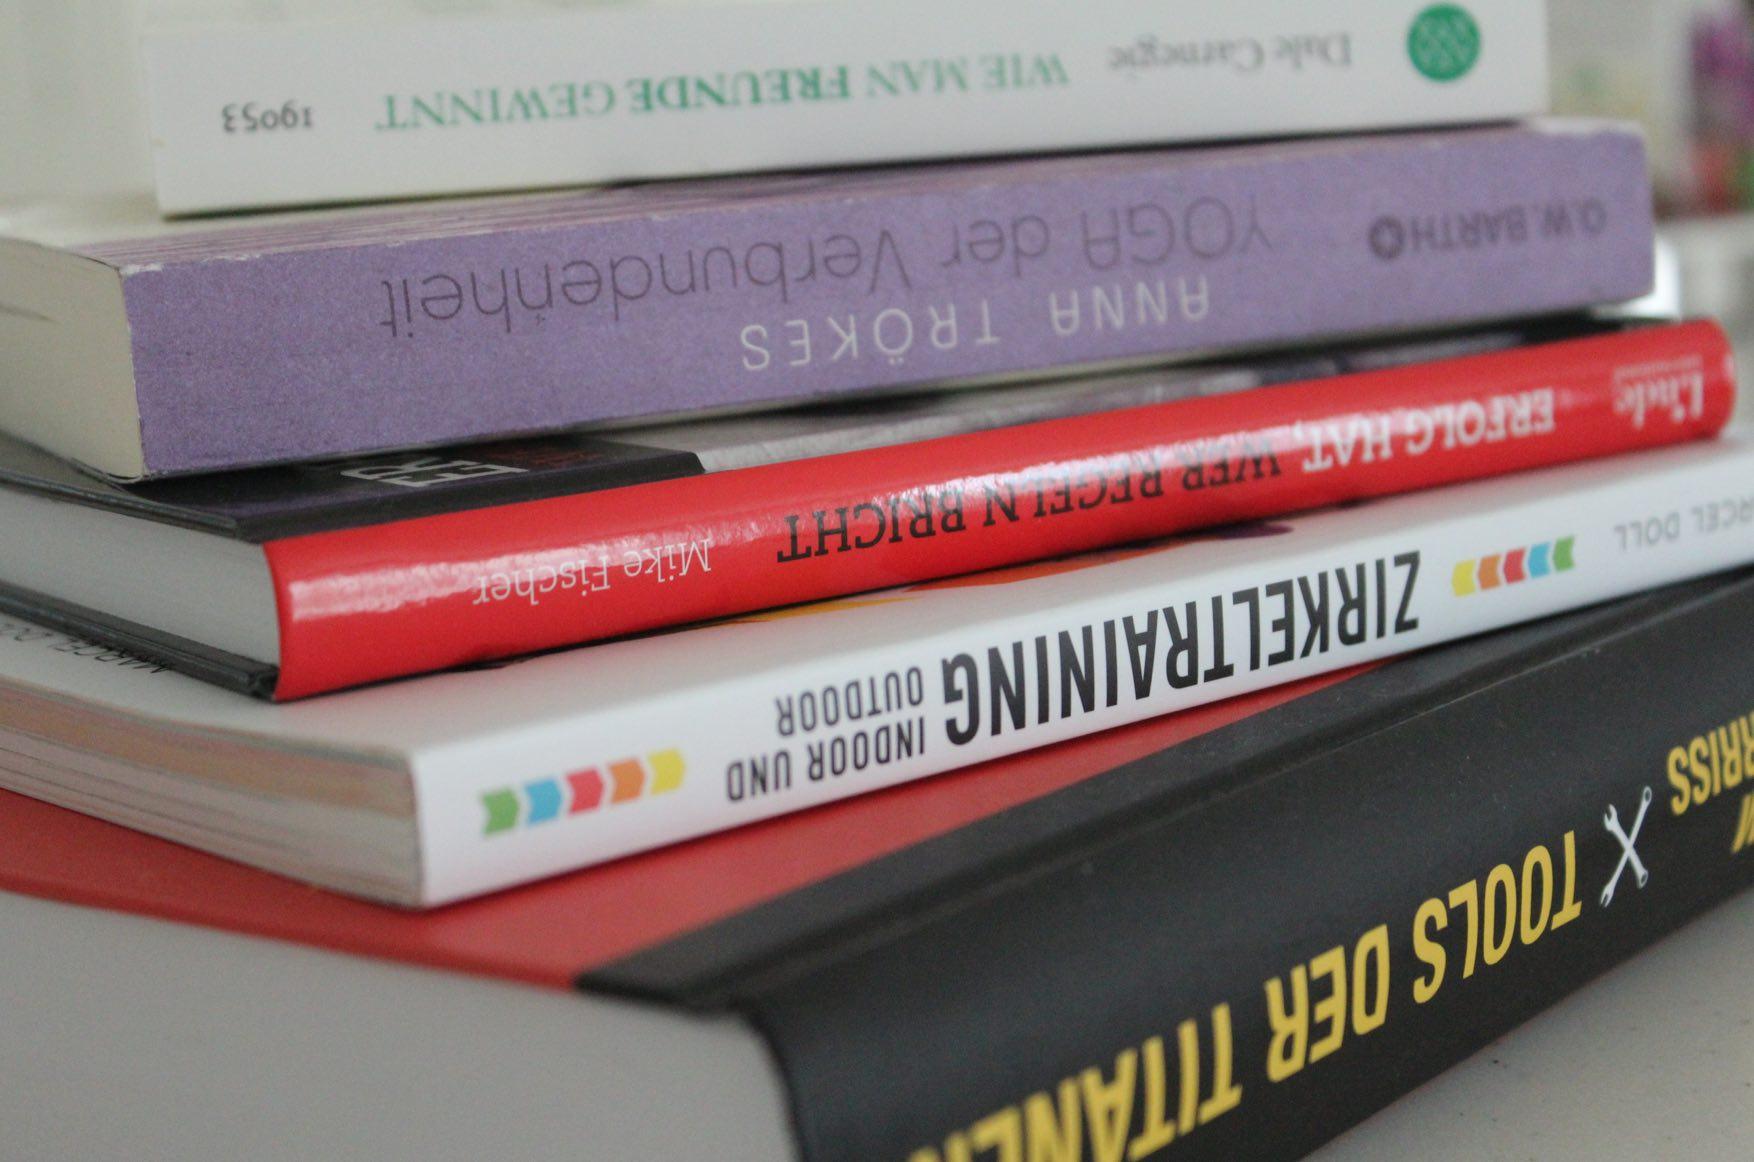 Buchempfehlungen für neue Inspiration und Motivation